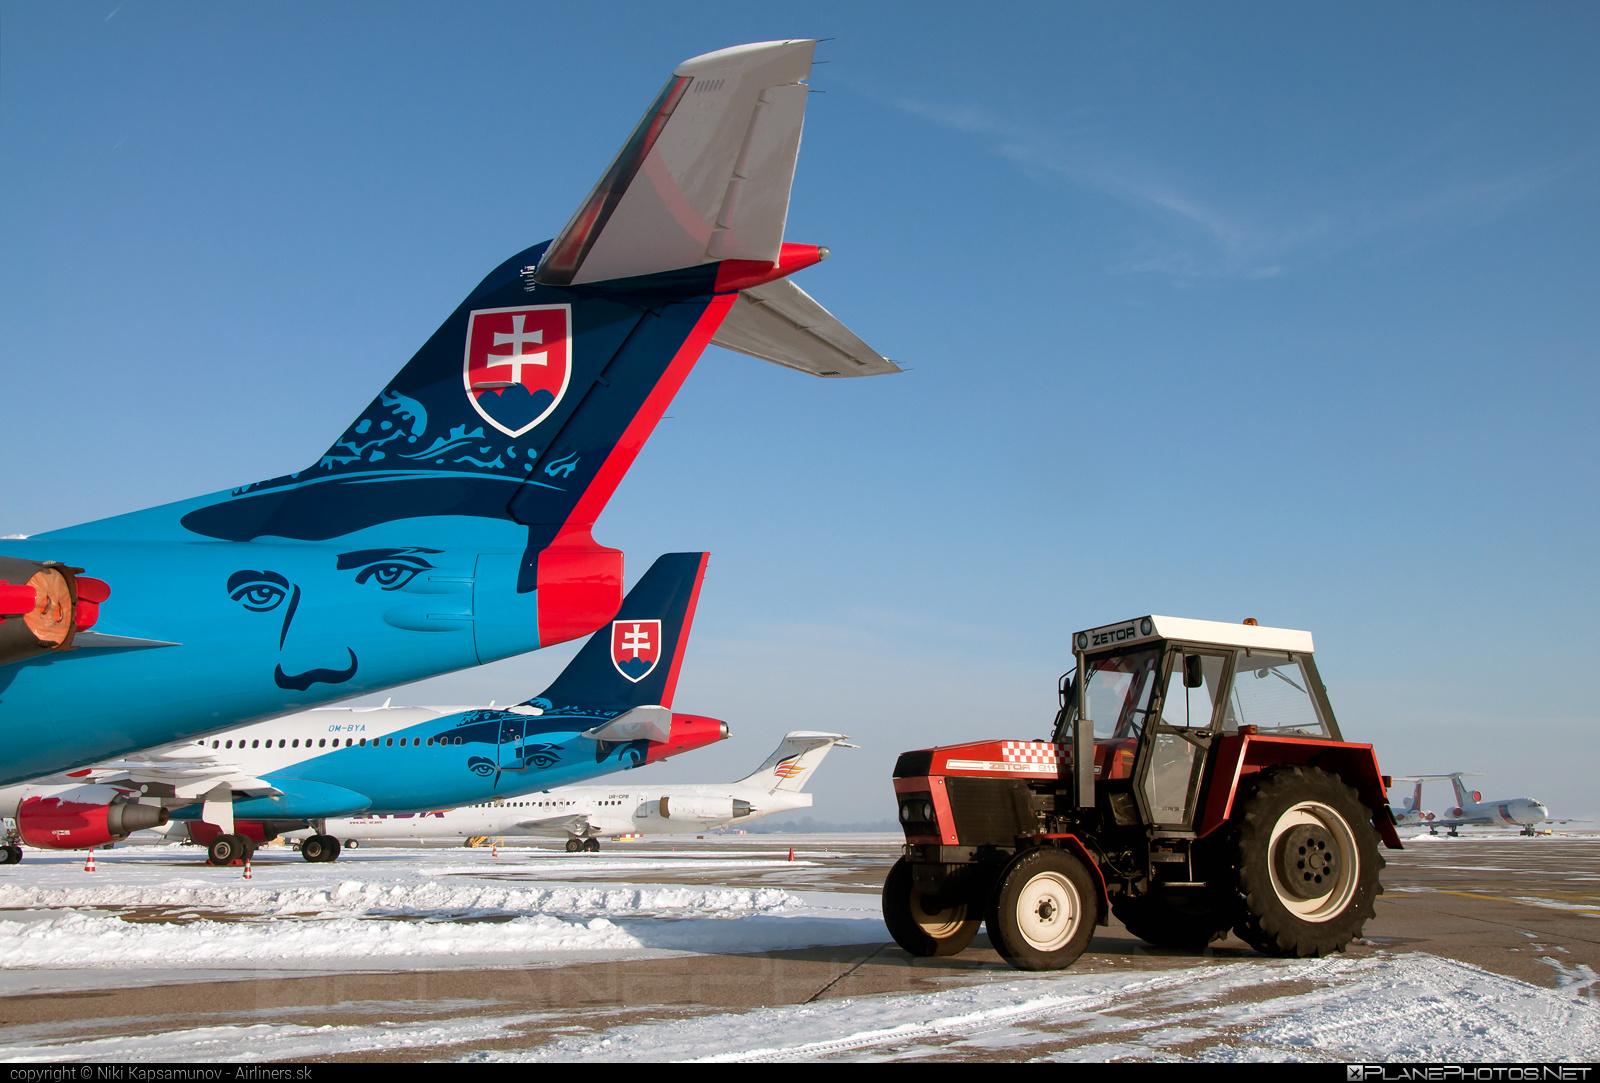 Fokker 100EJ - OM-BYC operated by Letecký útvar MV SR (Slovak Government Flying Service) #SlovakGovernmentFlyingService #fokker #fokker100 #fokker100ej #leteckyutvarMVSR